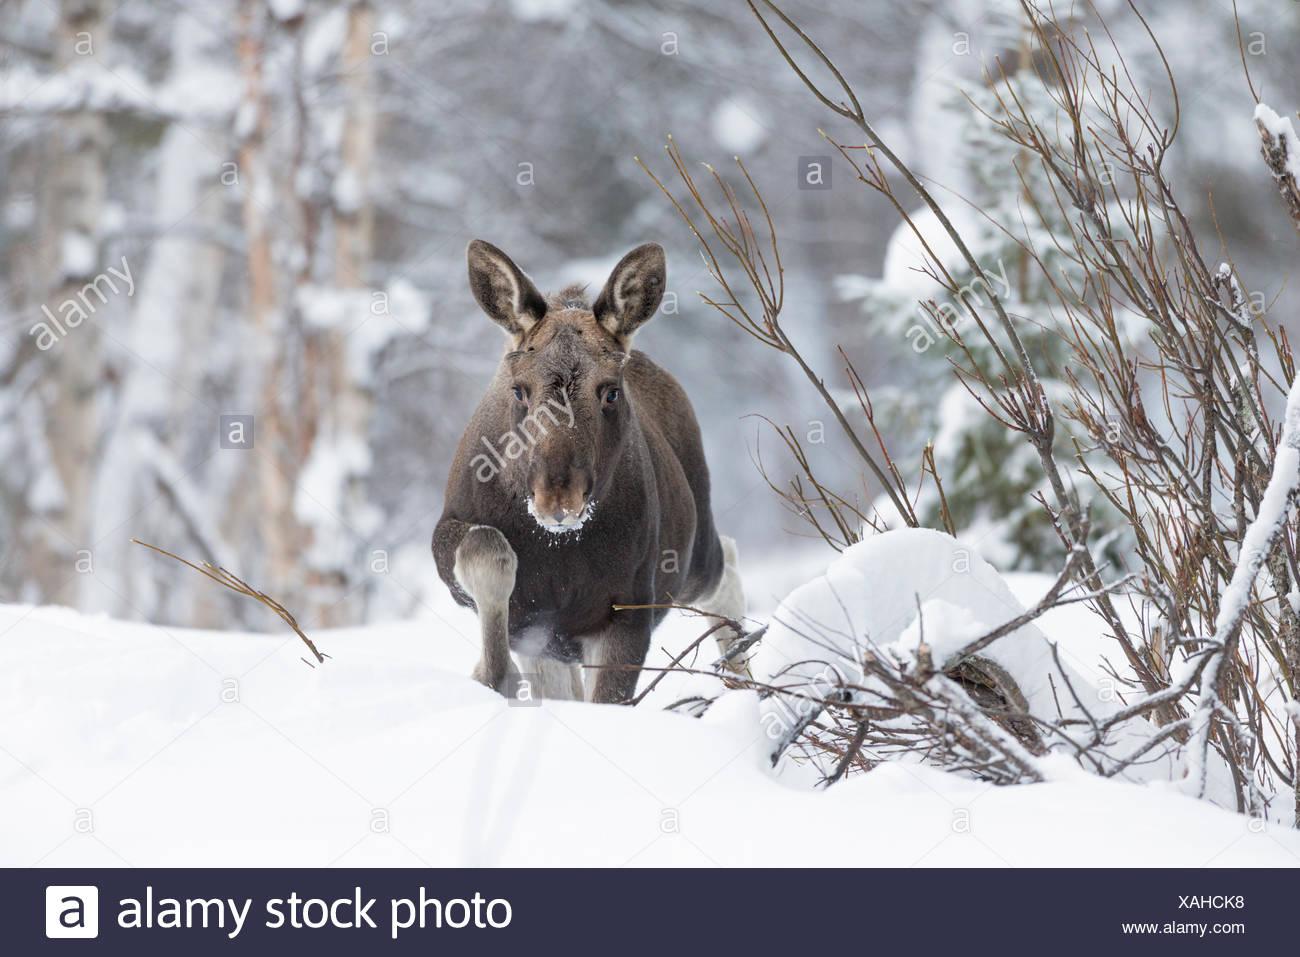 Europäischen Elch, Alces alces, Wandern im Schnee. Stockbild